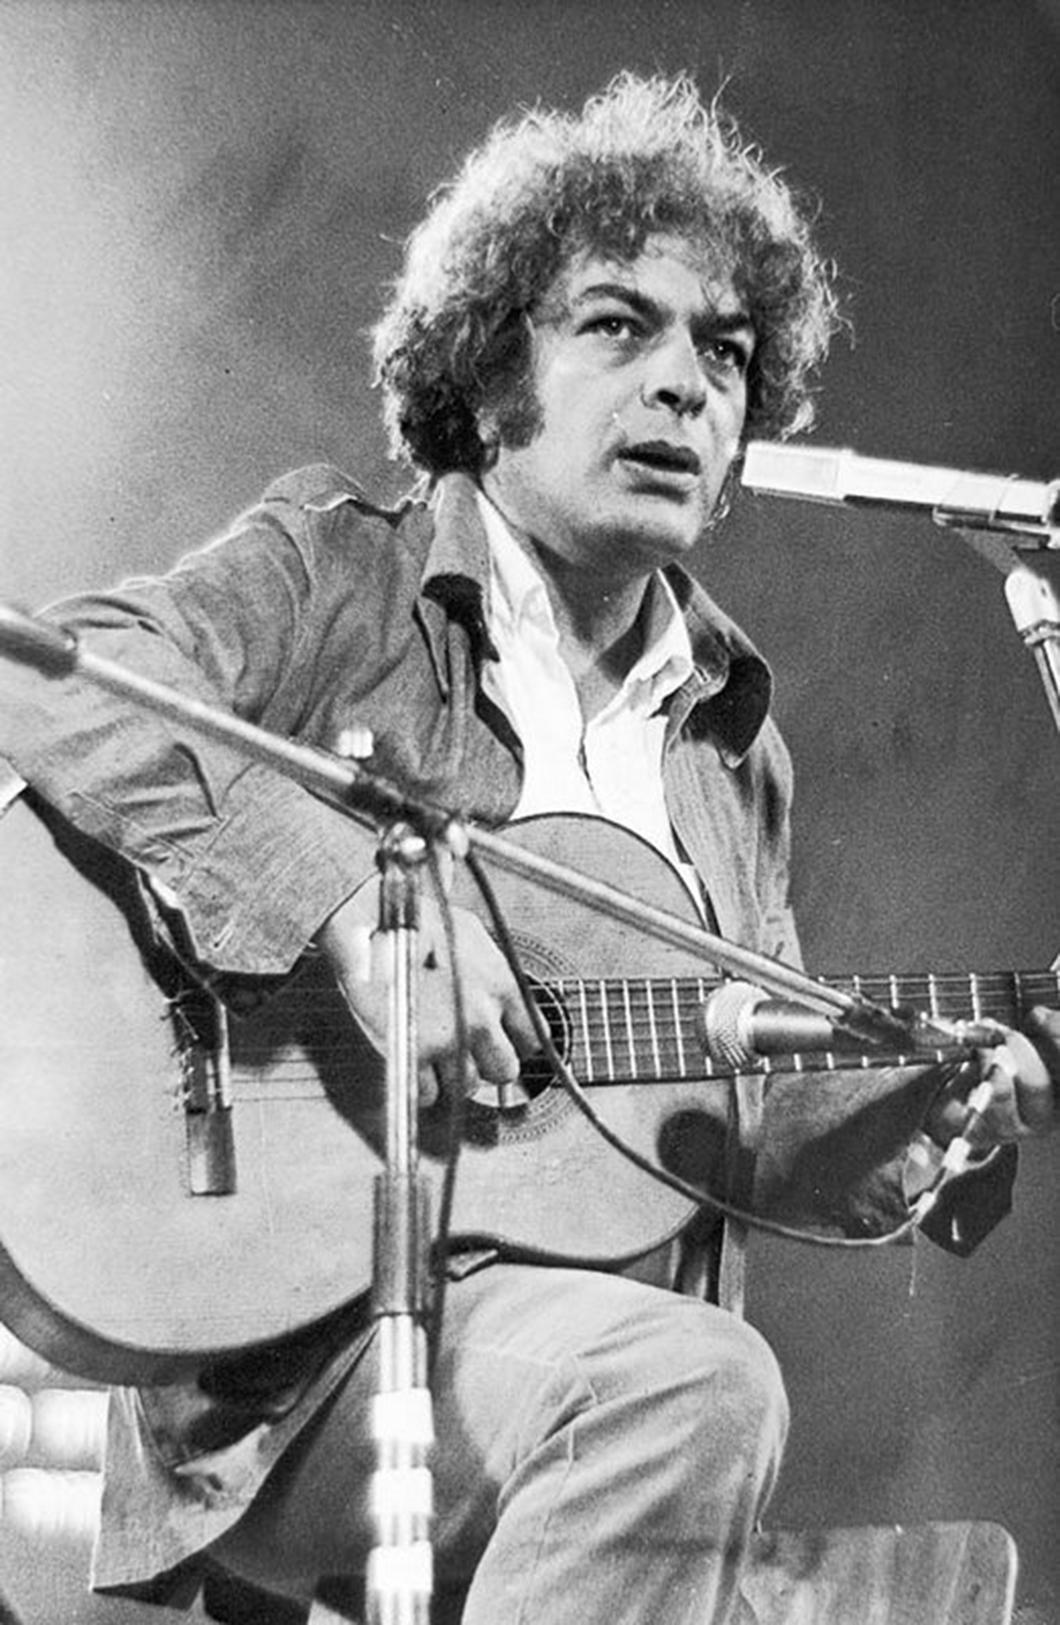 36 χρόνια χωρίς τον Μάνο Λοΐζο